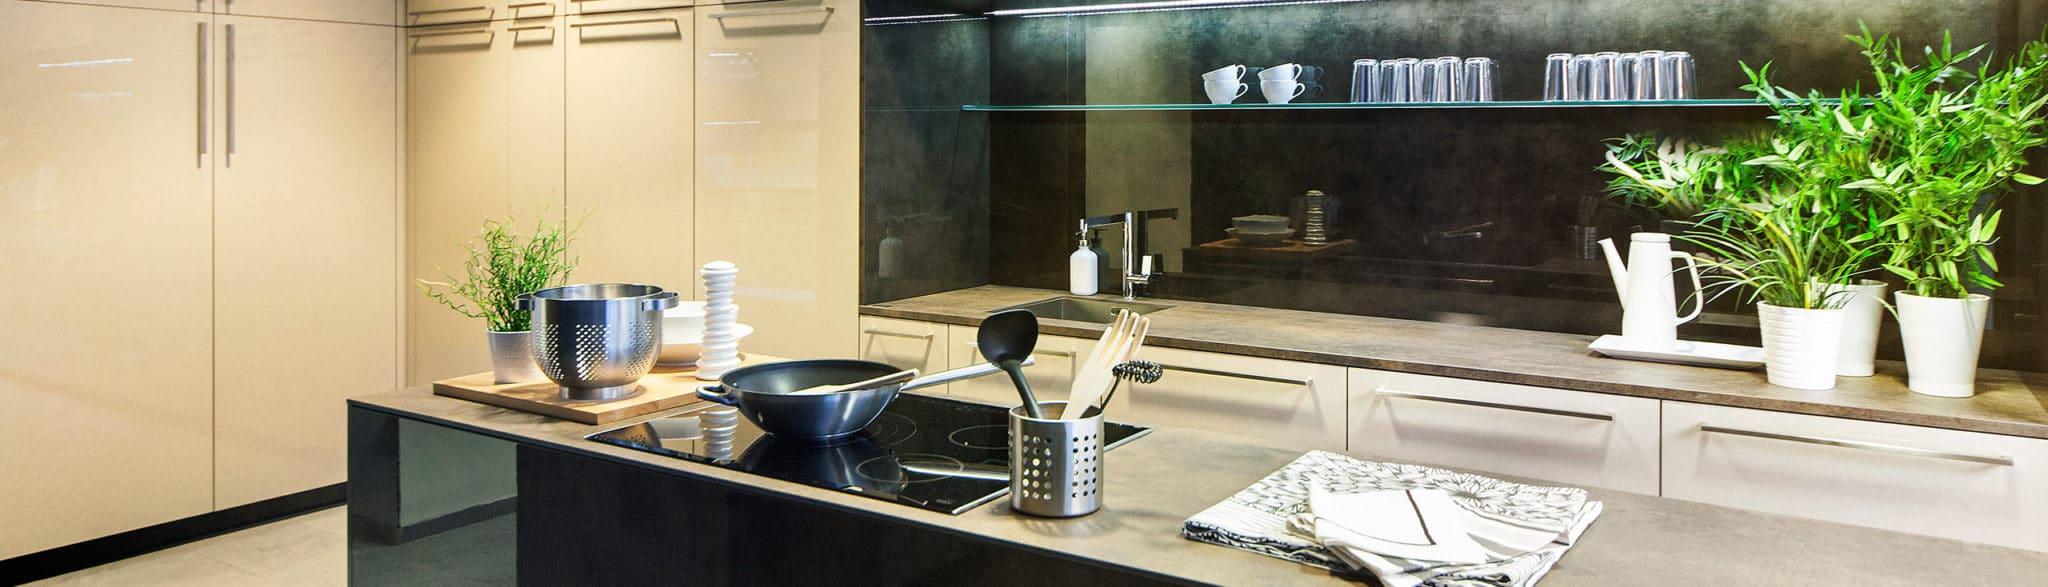 Muebles de cocina en madrid fabricantes desde 1968 for Fabrica de muebles de cocina en fuenlabrada